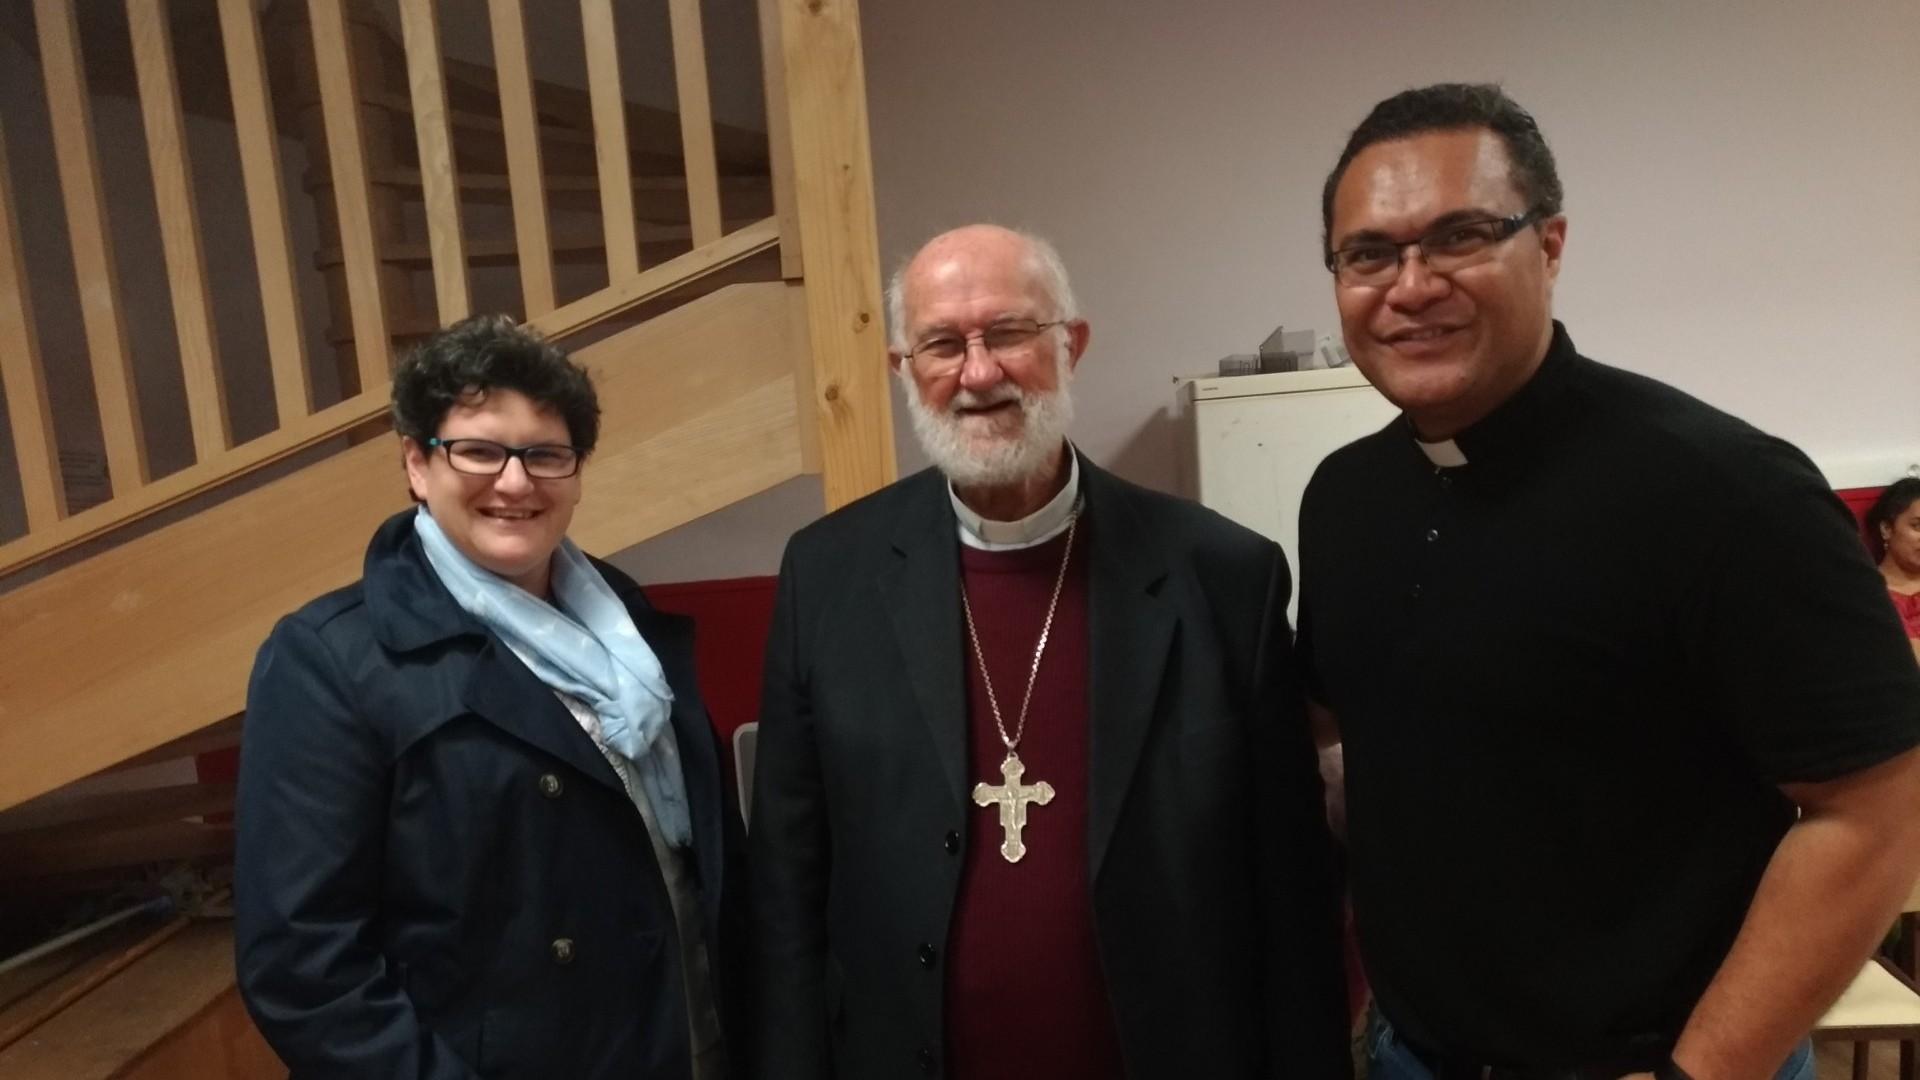 Estelle - Mgr Ghislain de Rasily. Évêque de Wallis et futune - Père Simonet, vicaire de Revel, originaire de Wallis et Futuna qui a prêté sa voix pour le spectacle. (c) RE